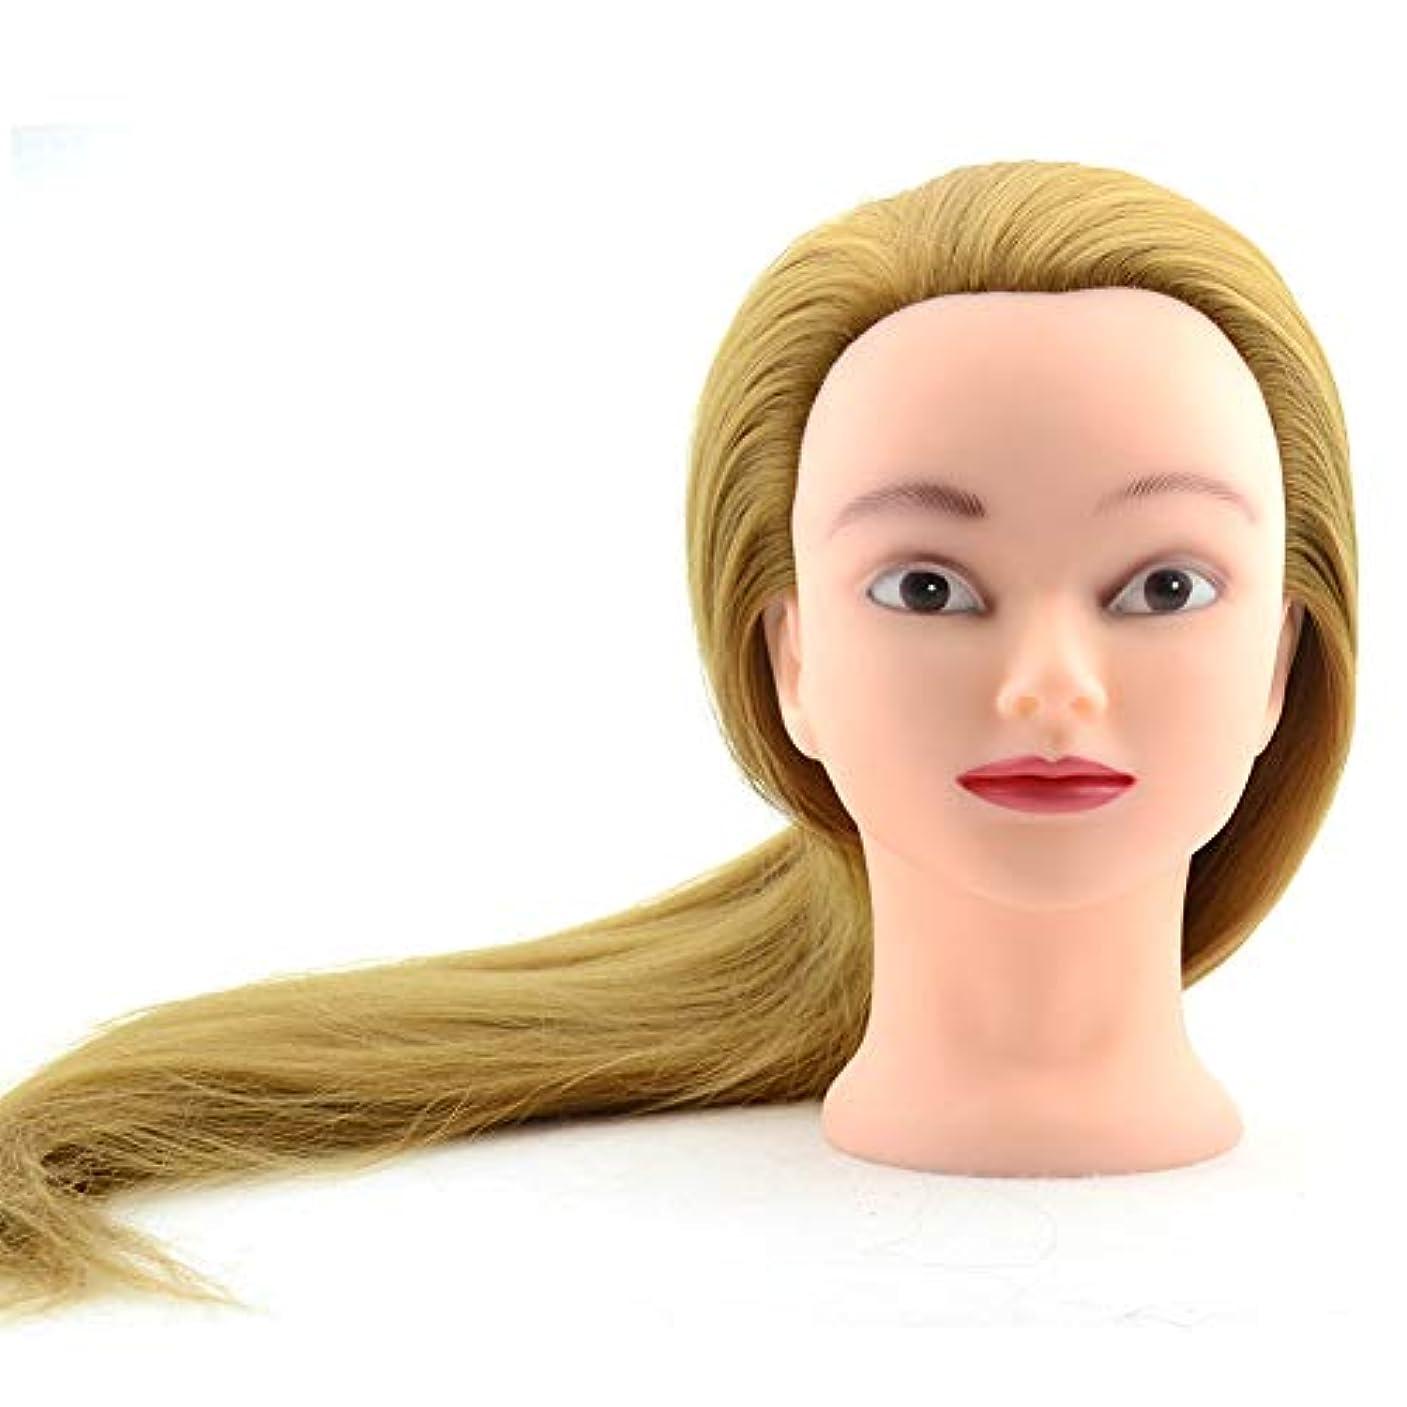 セールピース扇動化学繊維ウィッグモデルヘッド理髪店学習ゴールデンヘアーダミーヘッドブライダルメイクスタイリングエクササイズヘッドモード